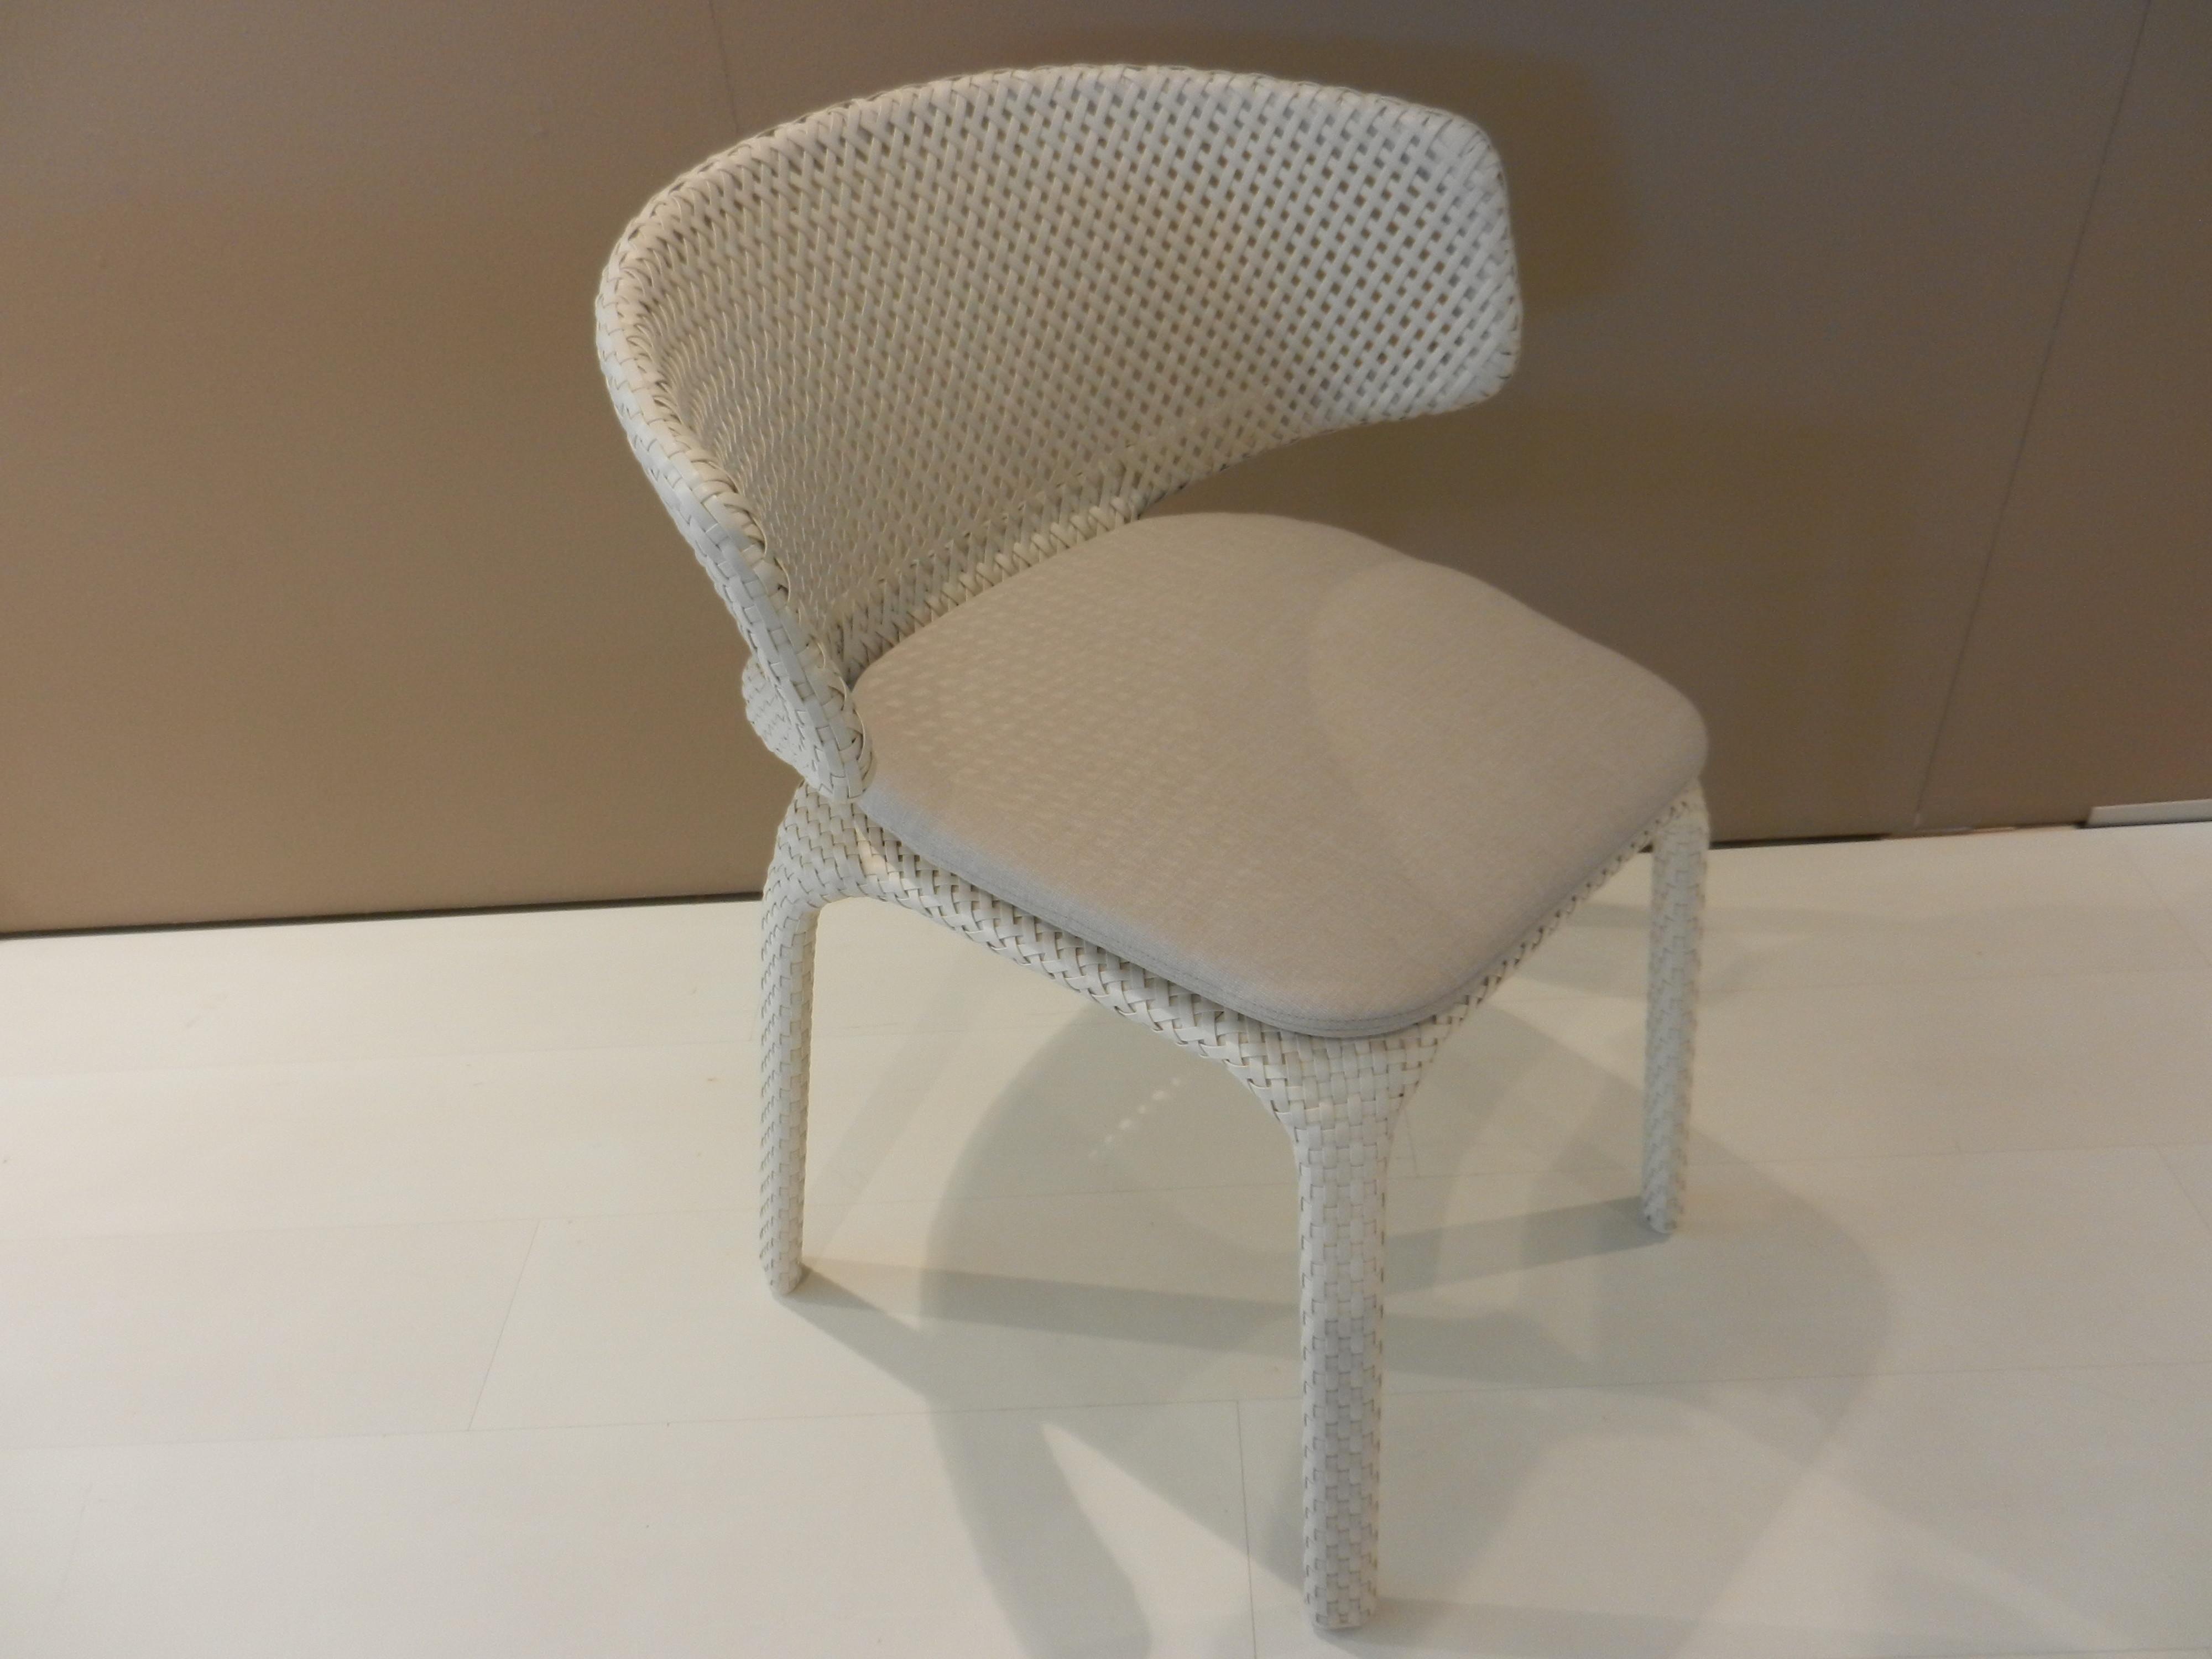 4 Stühle Seashell von Dedon 03